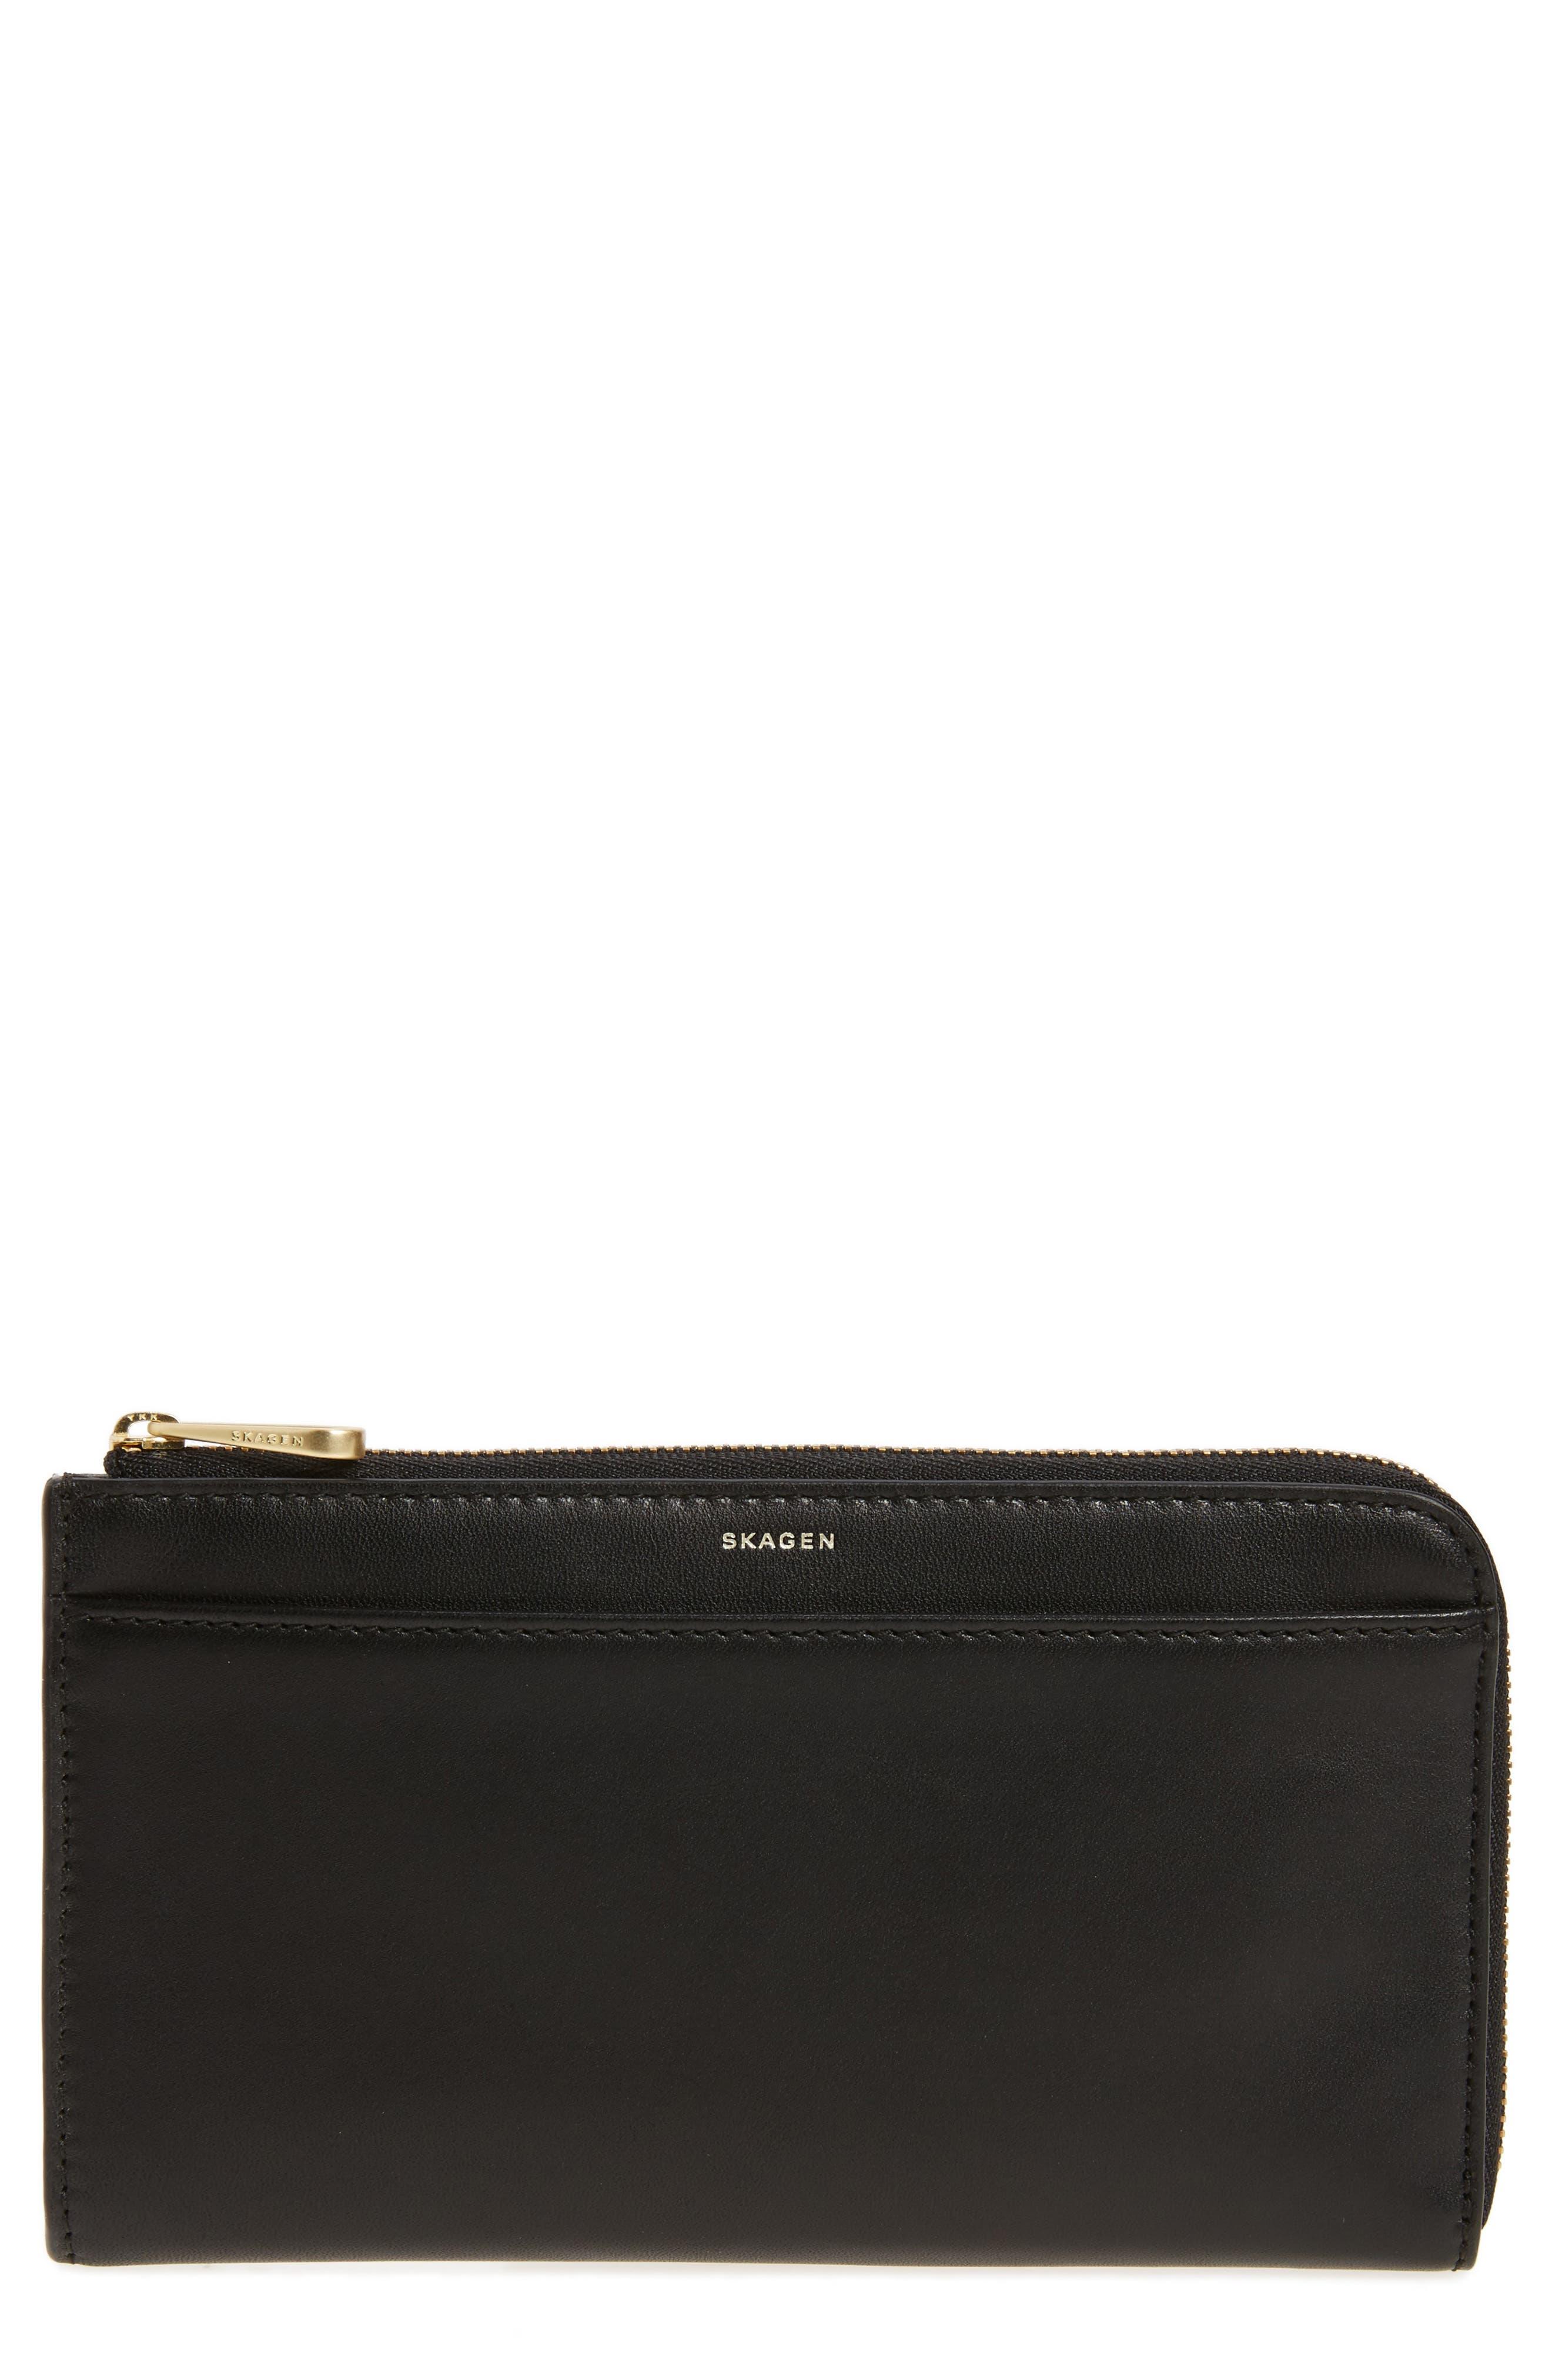 Skagen Leather Phone Wallet